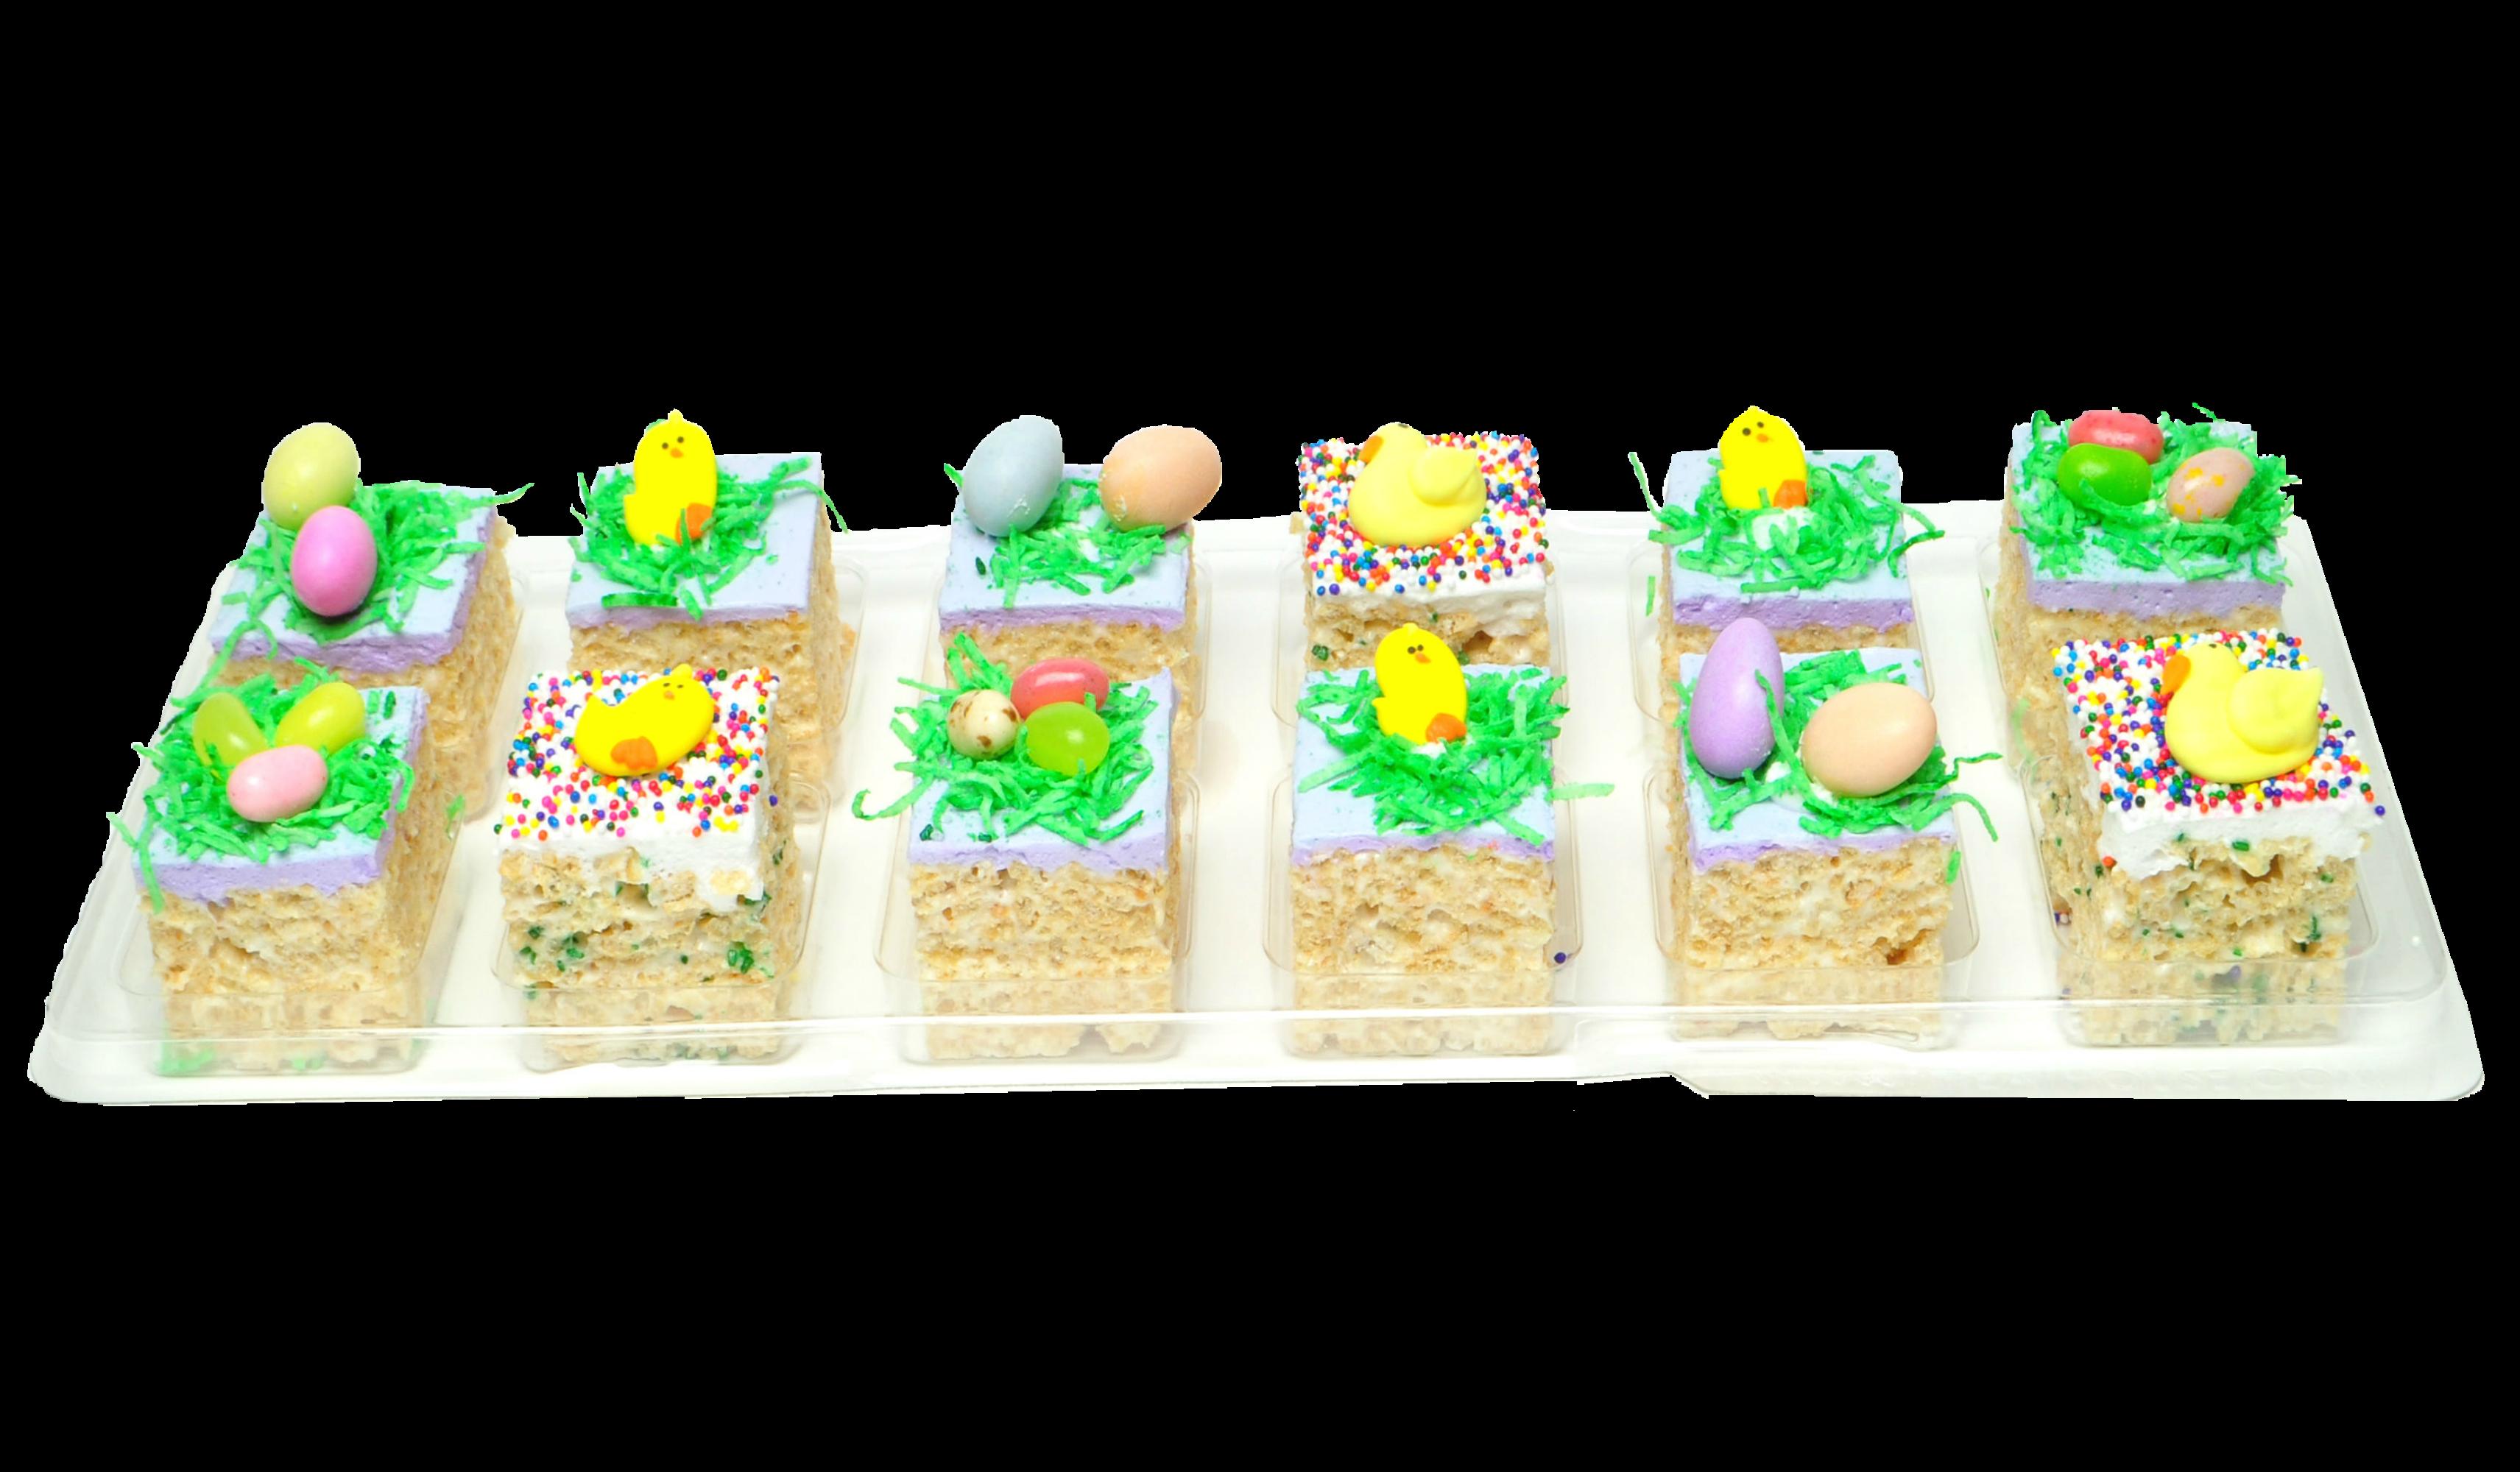 Treat House Easter treats